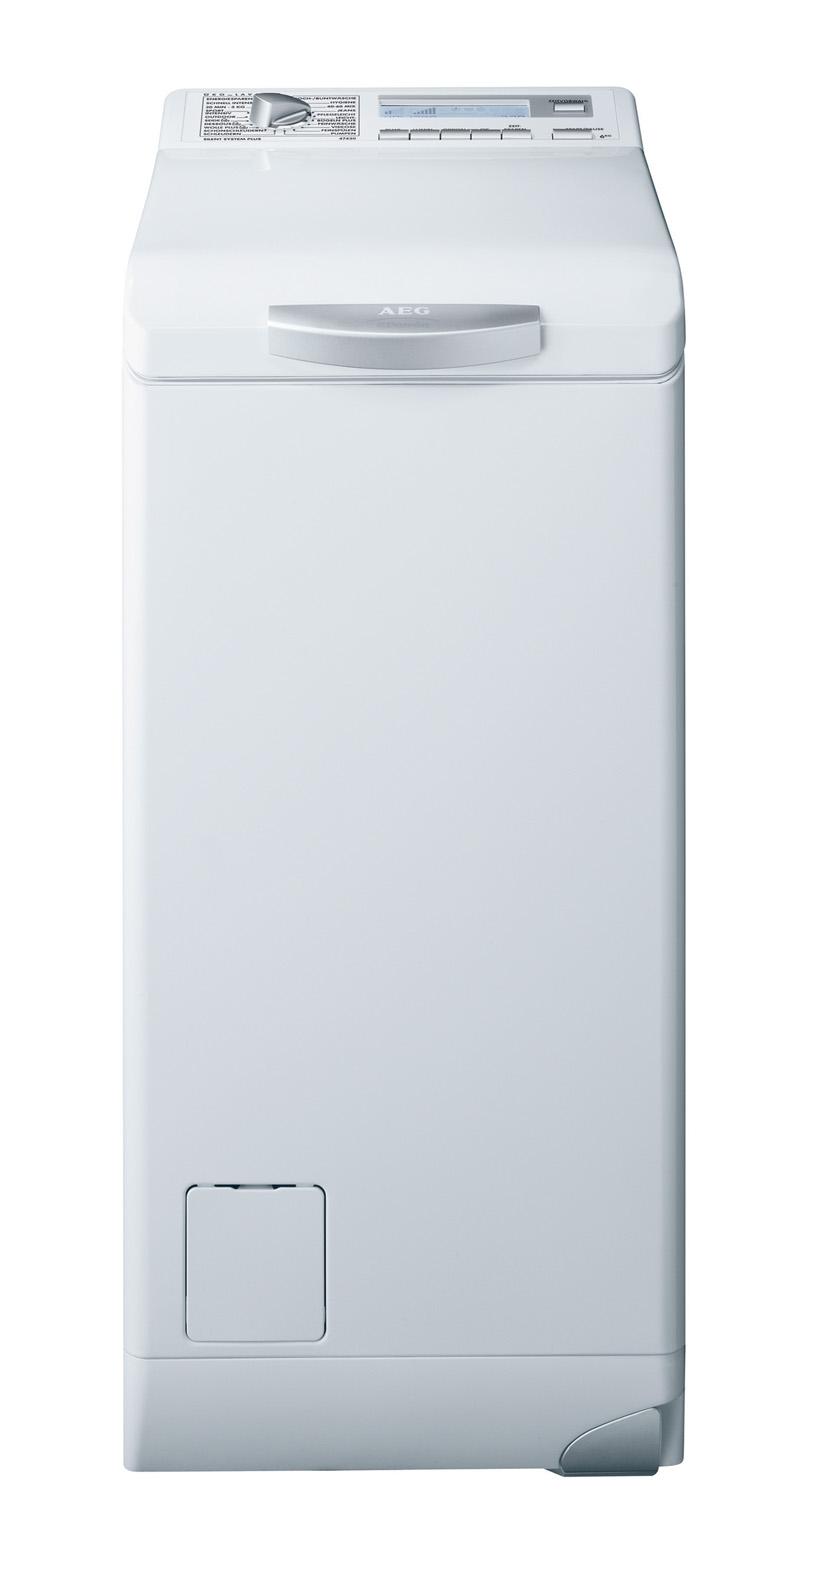 waschmaschinen aeg ko lavamat 48540 a und 47430 a zwei gegen allergien und hohen stromverbrauch. Black Bedroom Furniture Sets. Home Design Ideas